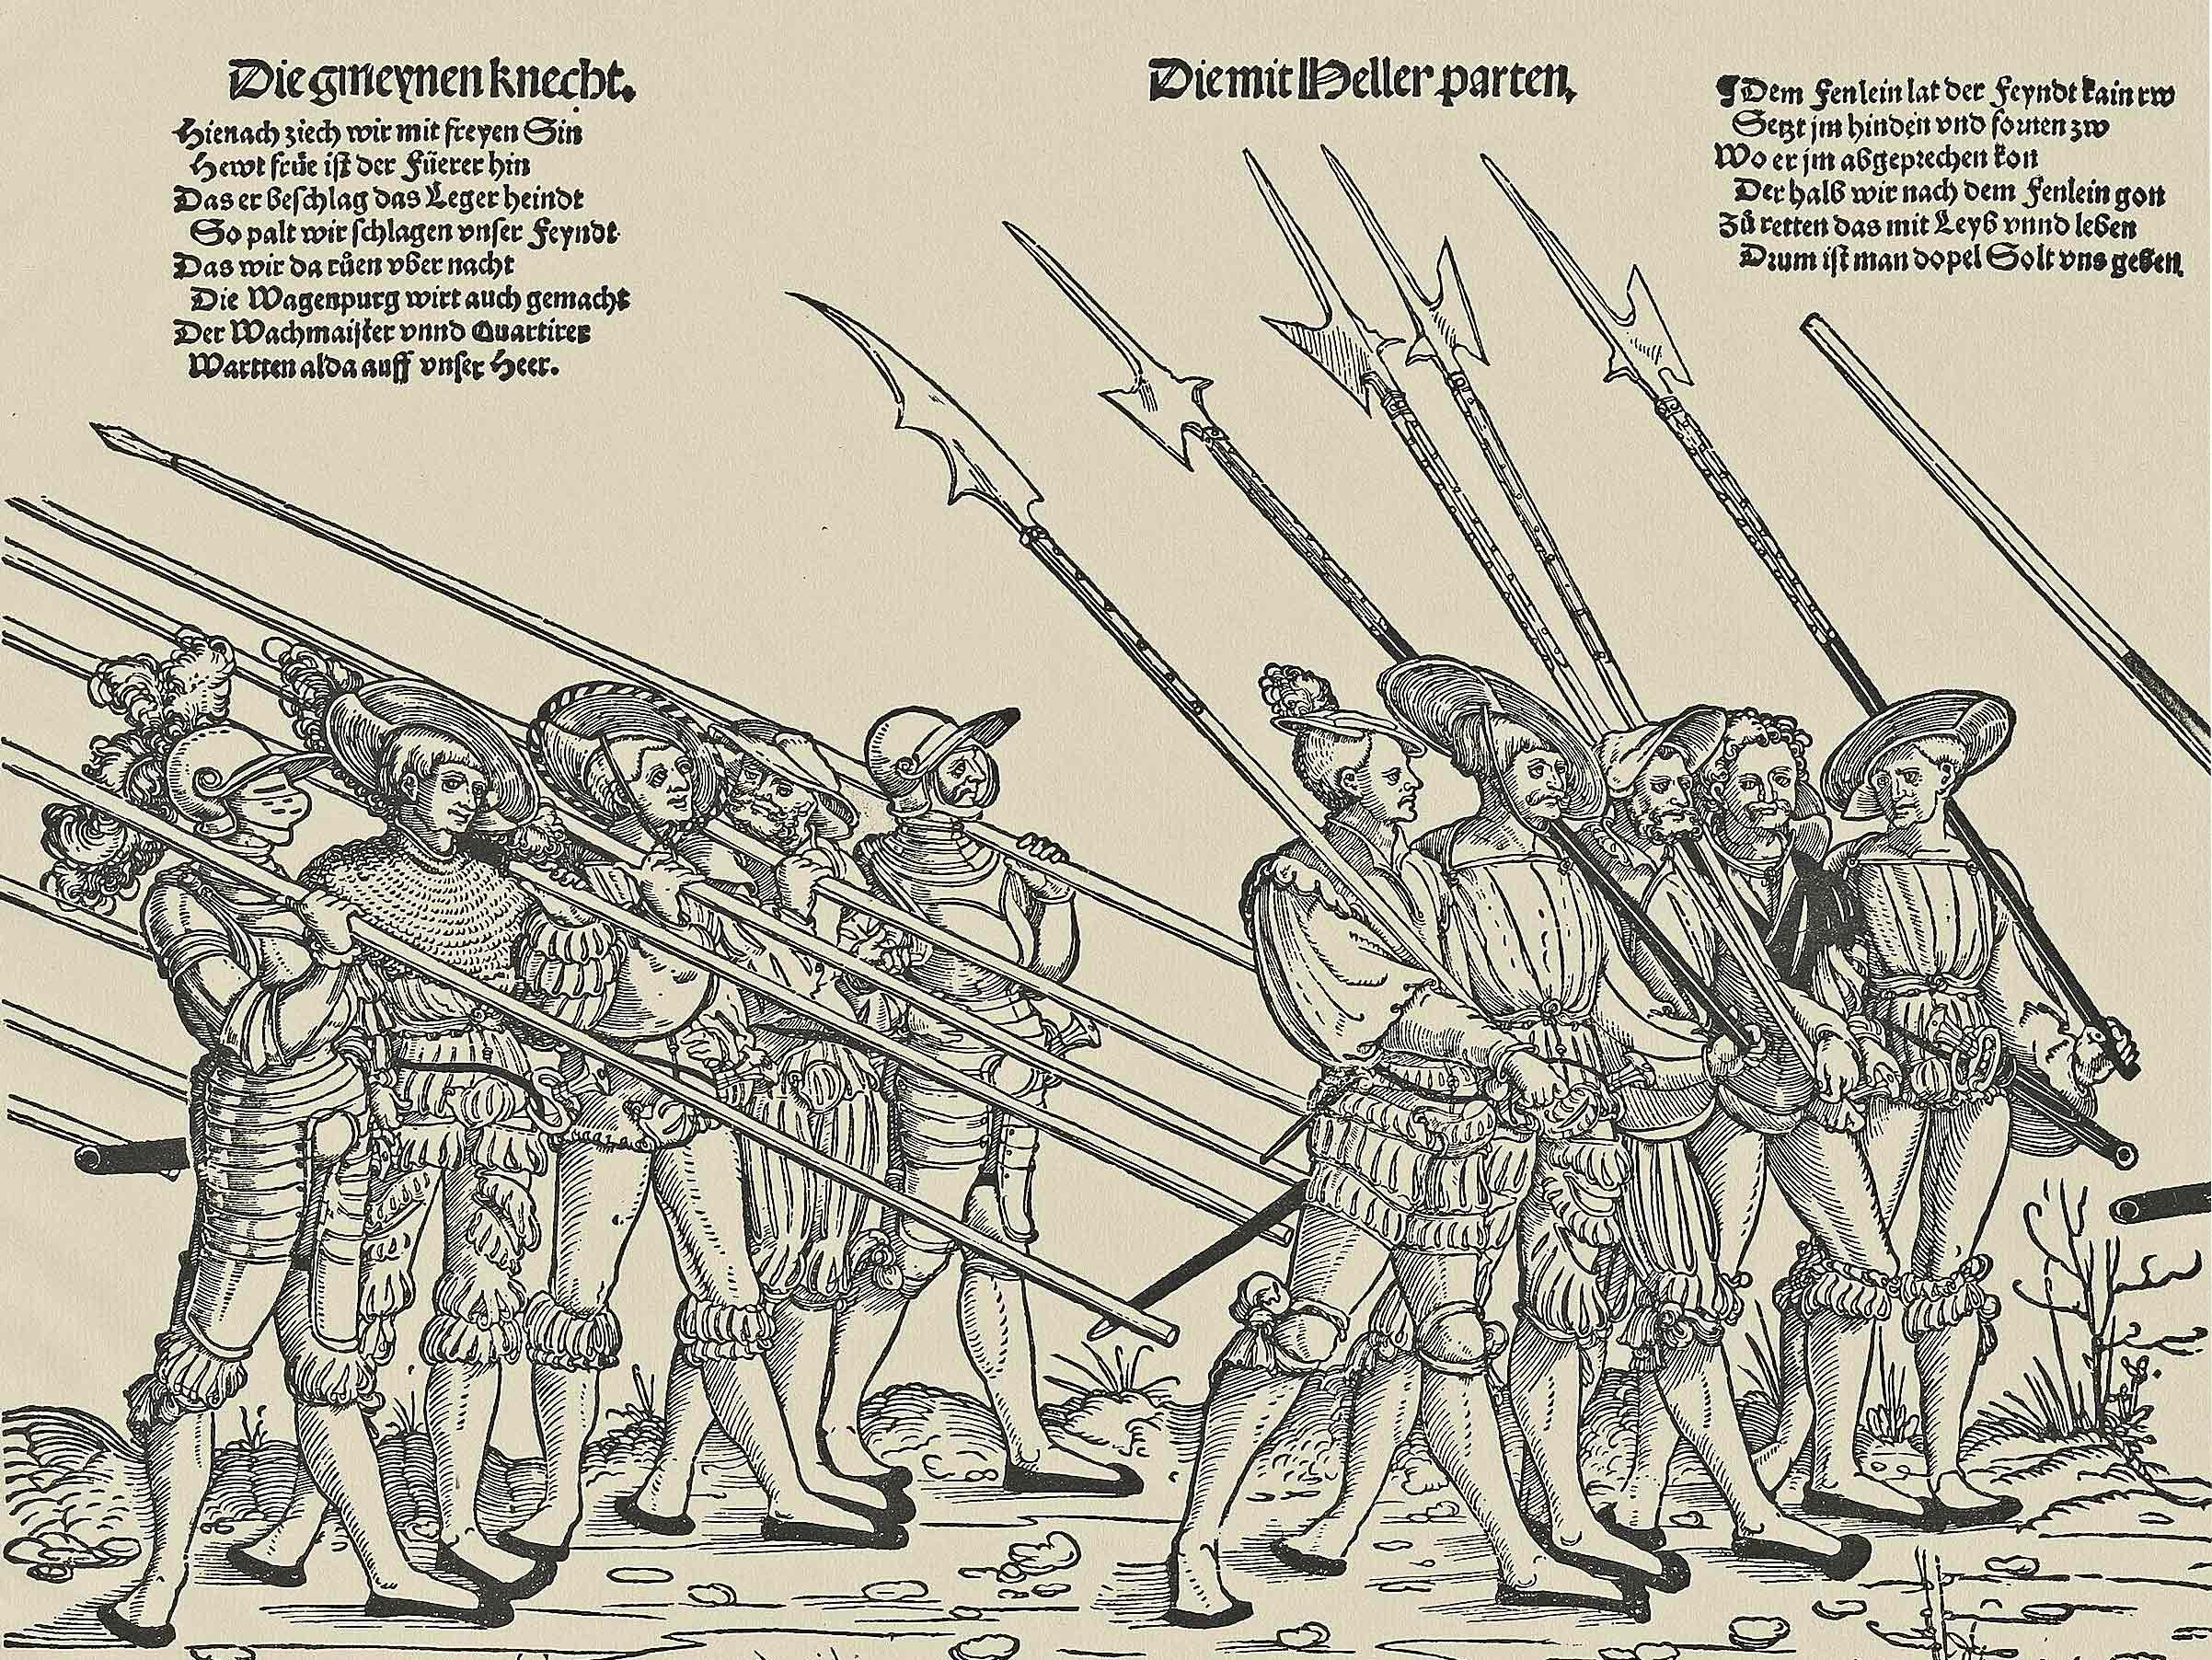 """Erhard Schön, c. 1532, from Max Geisberg, """"Der Deutsche Einblatt-Holzschnitt in der ersten Hälfte des XVI. Jahrhunderts"""" (1923). Univ. of Heidelberg digital library"""